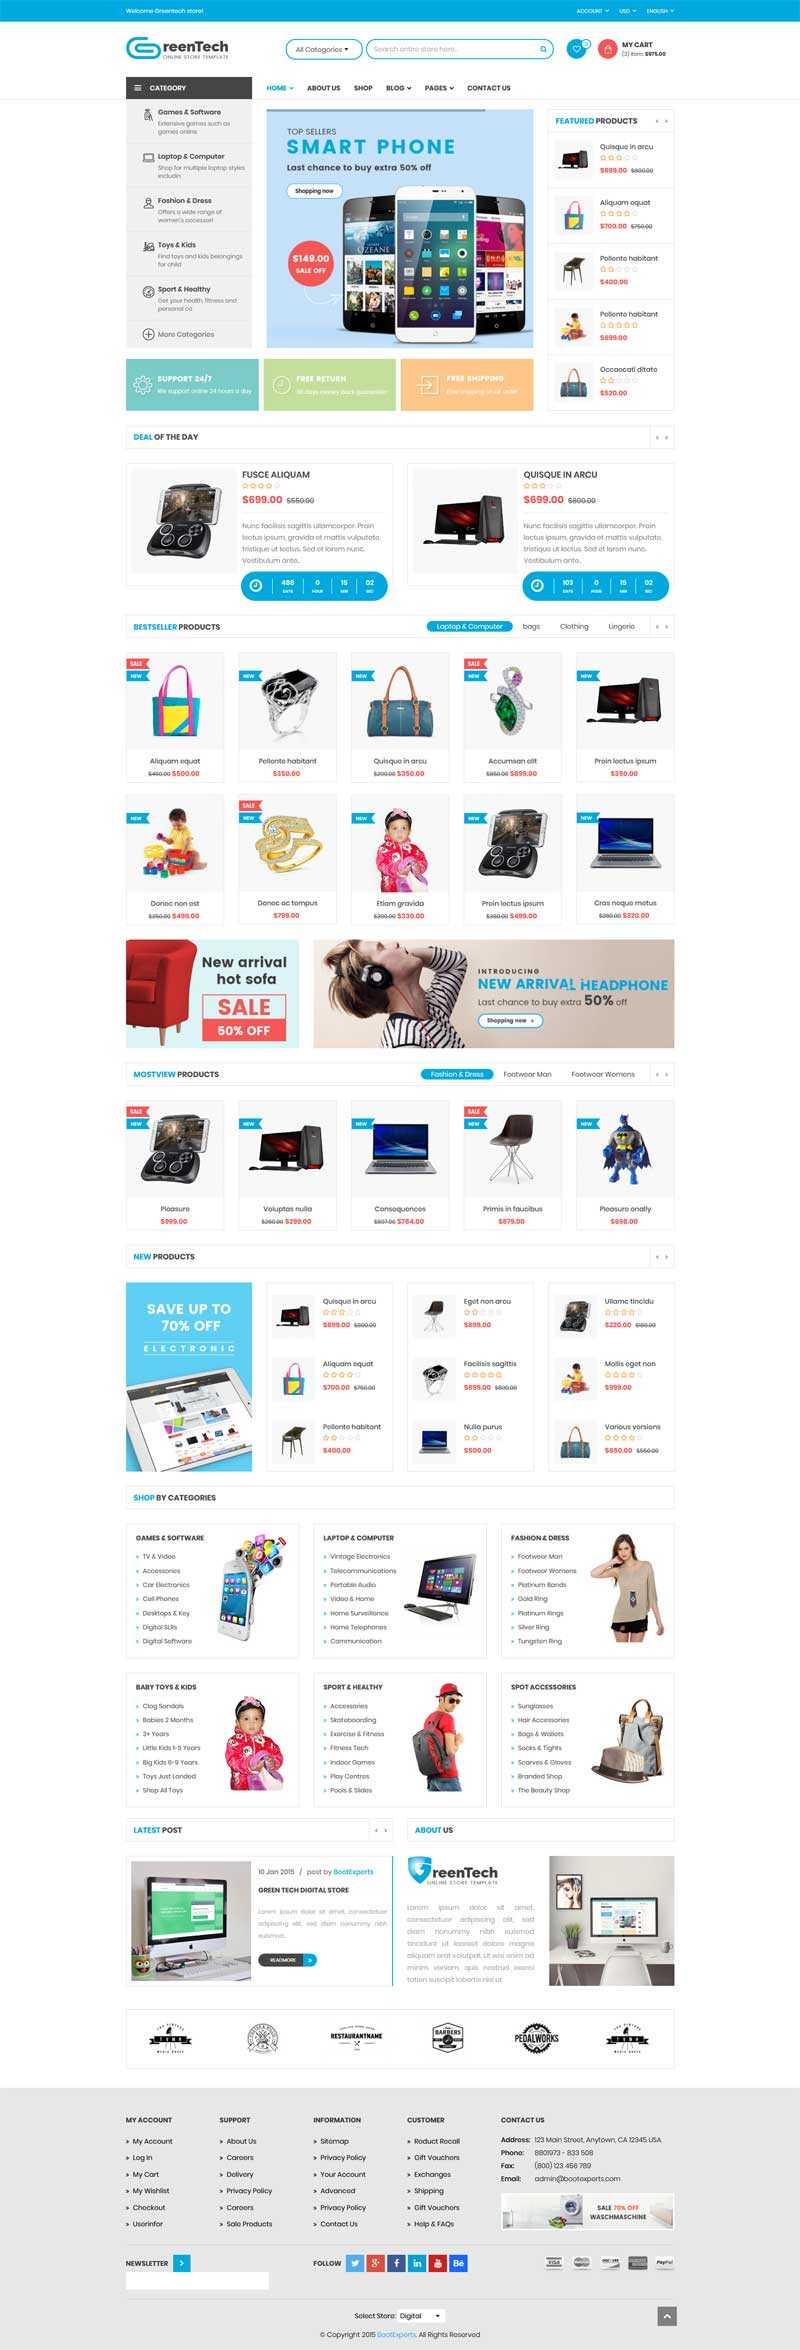 蓝色响应式的综合购物商城模板html源码